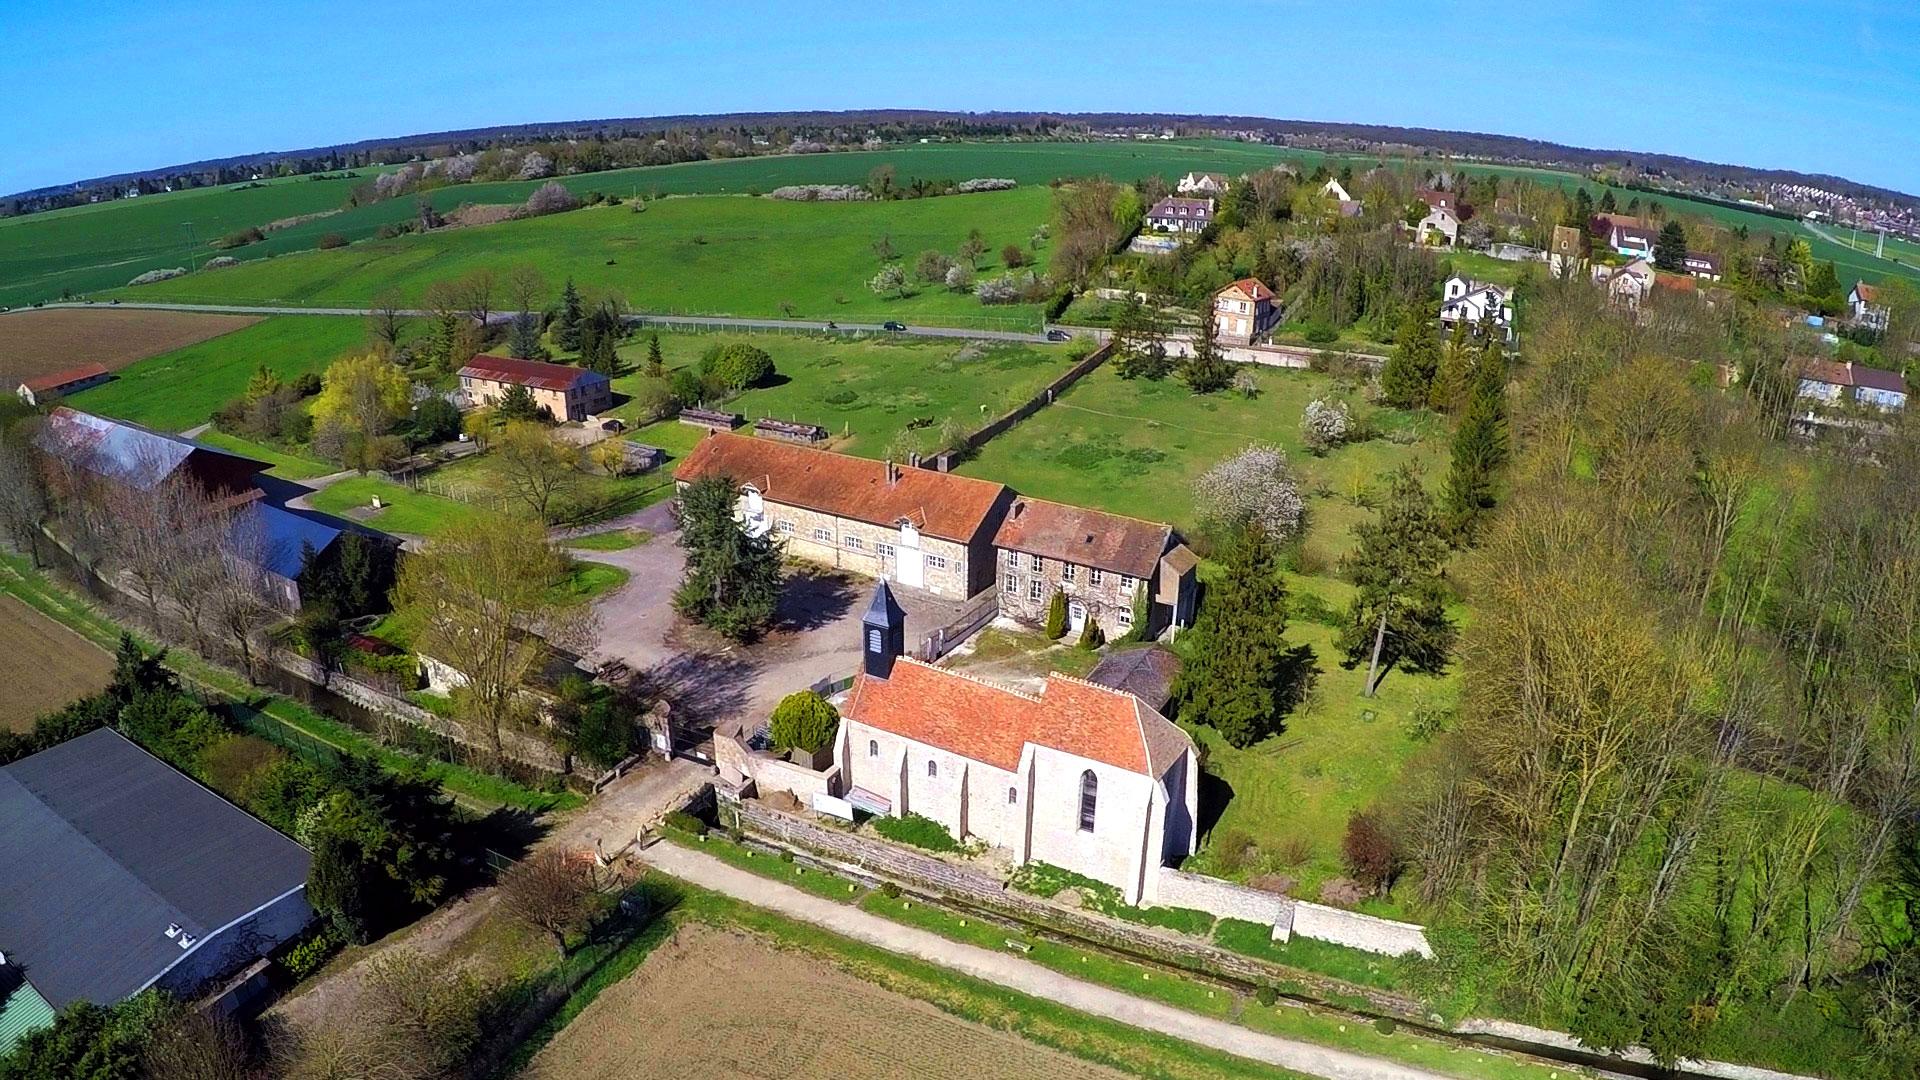 Rando Plaine de Versailles